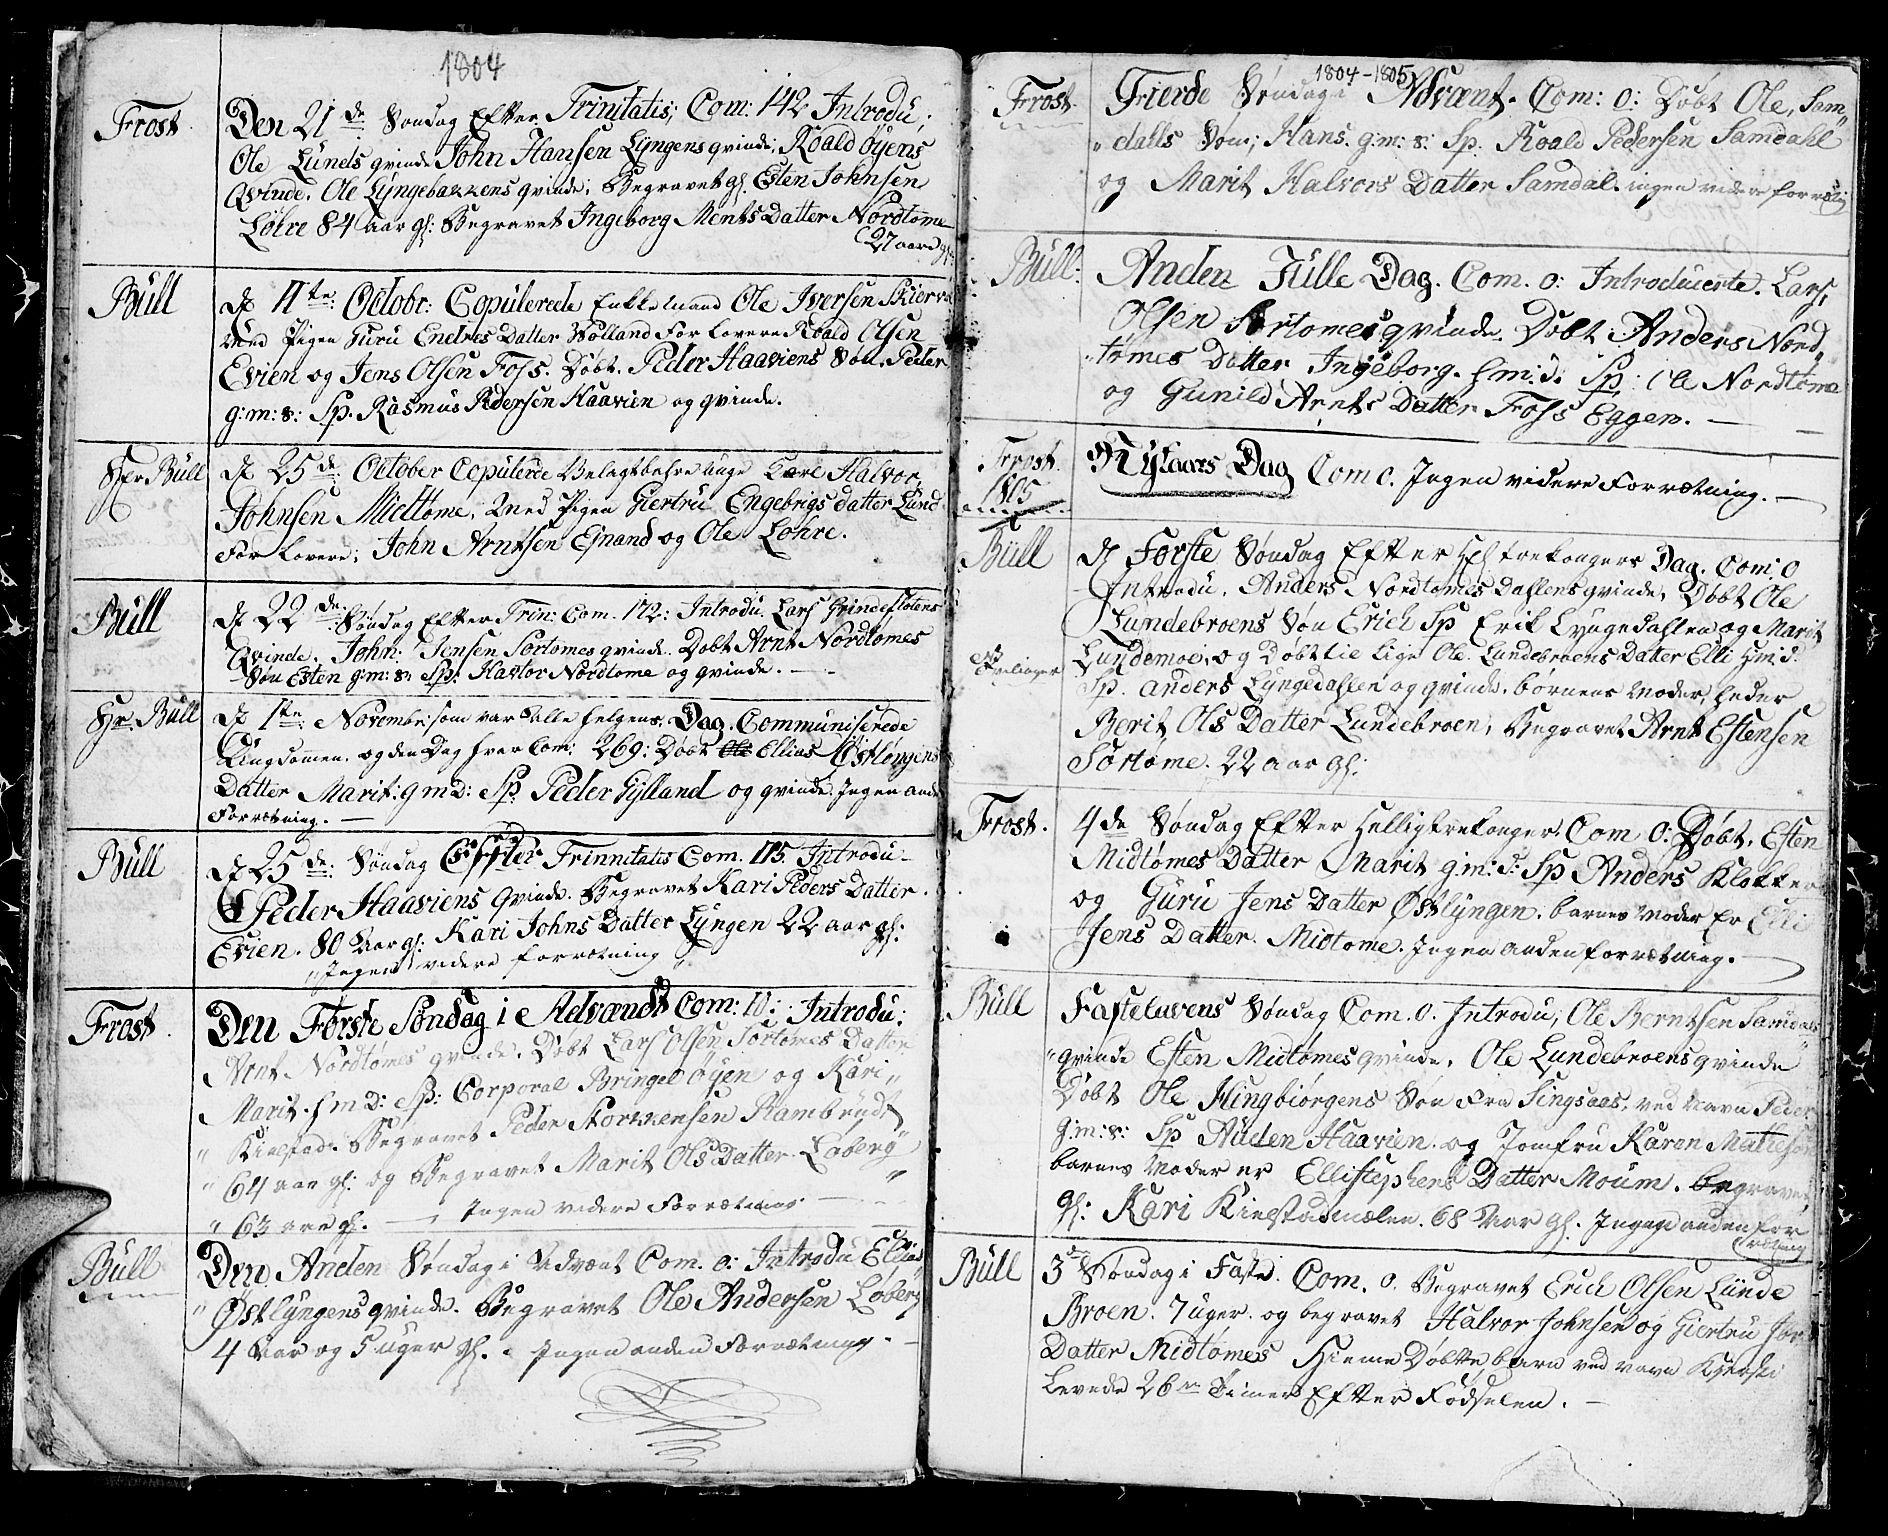 SAT, Ministerialprotokoller, klokkerbøker og fødselsregistre - Sør-Trøndelag, 692/L1106: Klokkerbok nr. 692C01, 1802-1808